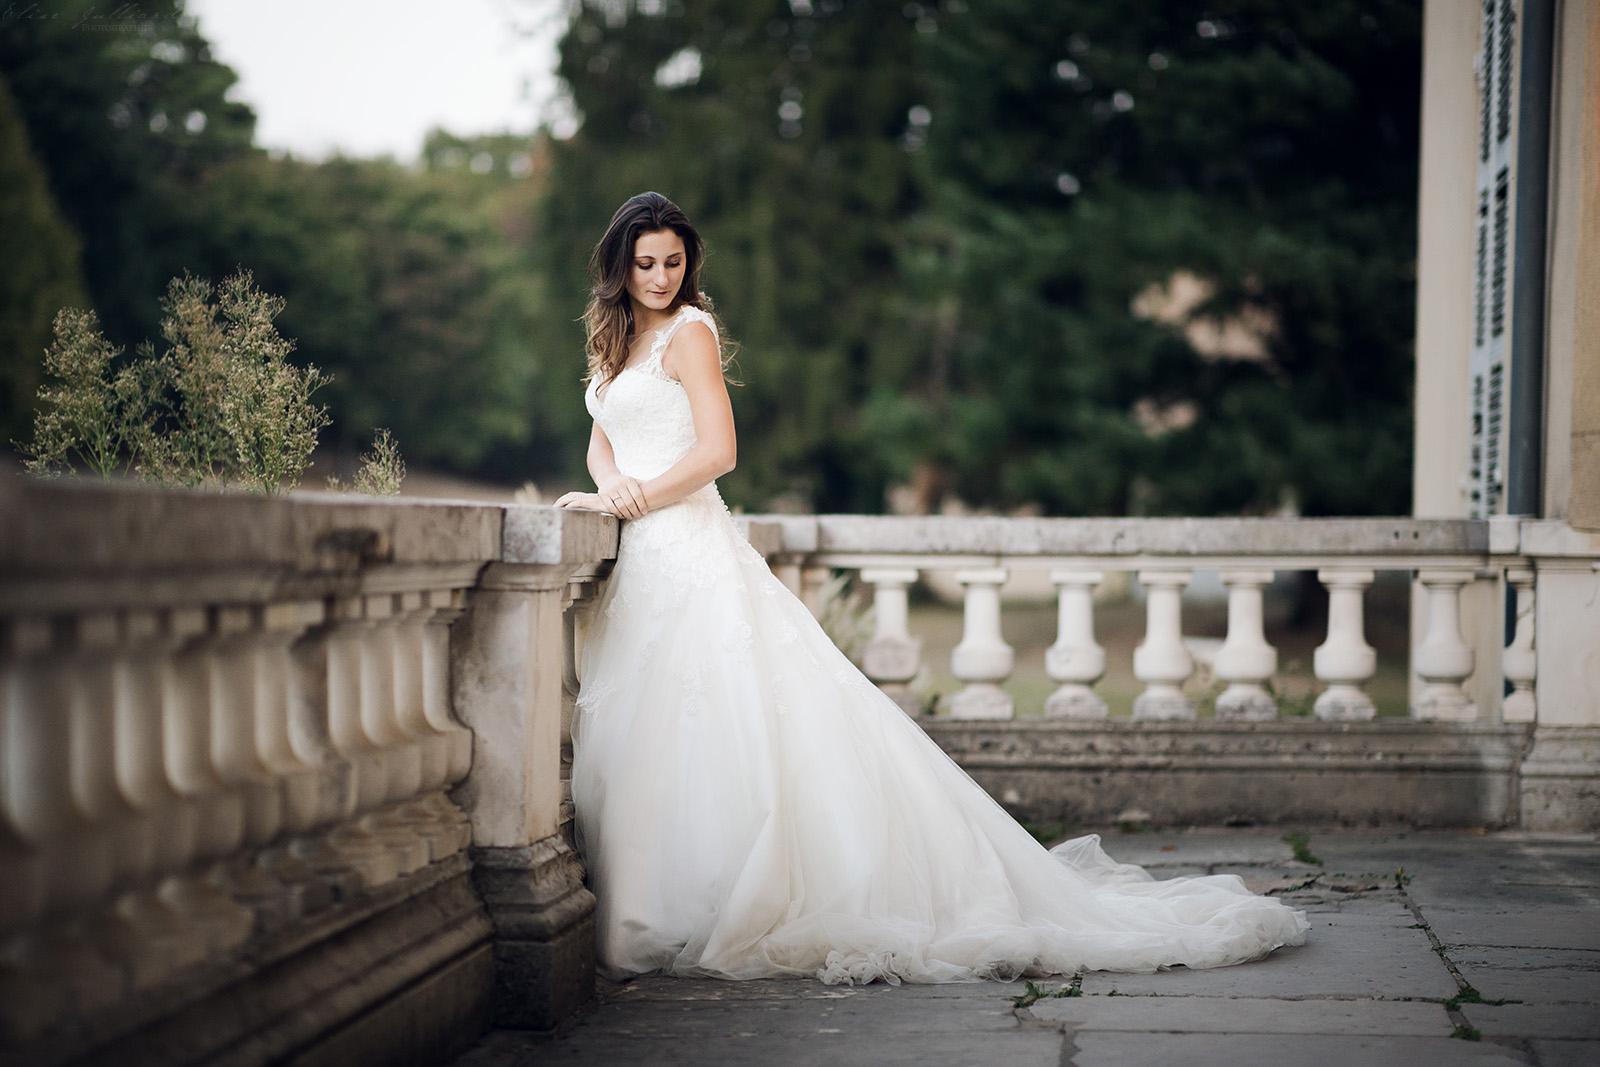 photographe-mariage-wedding-photographer-lyon-auvergne-rhone-alpes-ain-beaujolais-domaine-du-passeloup-couple-reportage-elise-julliard-chateau-de-cibeins-13